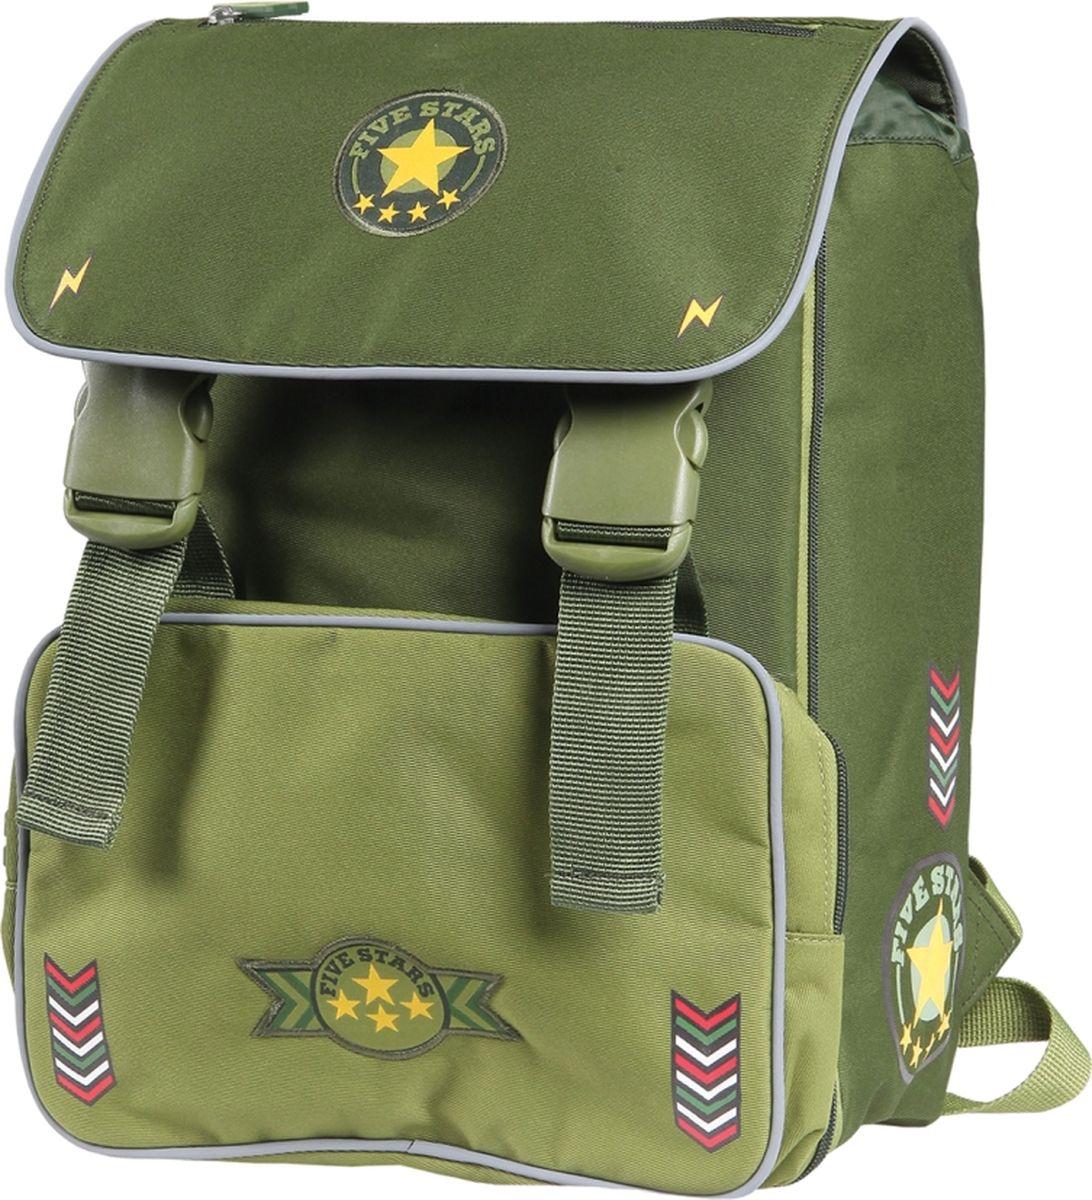 Proff Рюкзак школьный MilitaryMI15-BPA-02Рюкзак школьный Proff. Military 34.5*26*13 см с расширением, карманом для планшета, с эргономичной спинкой